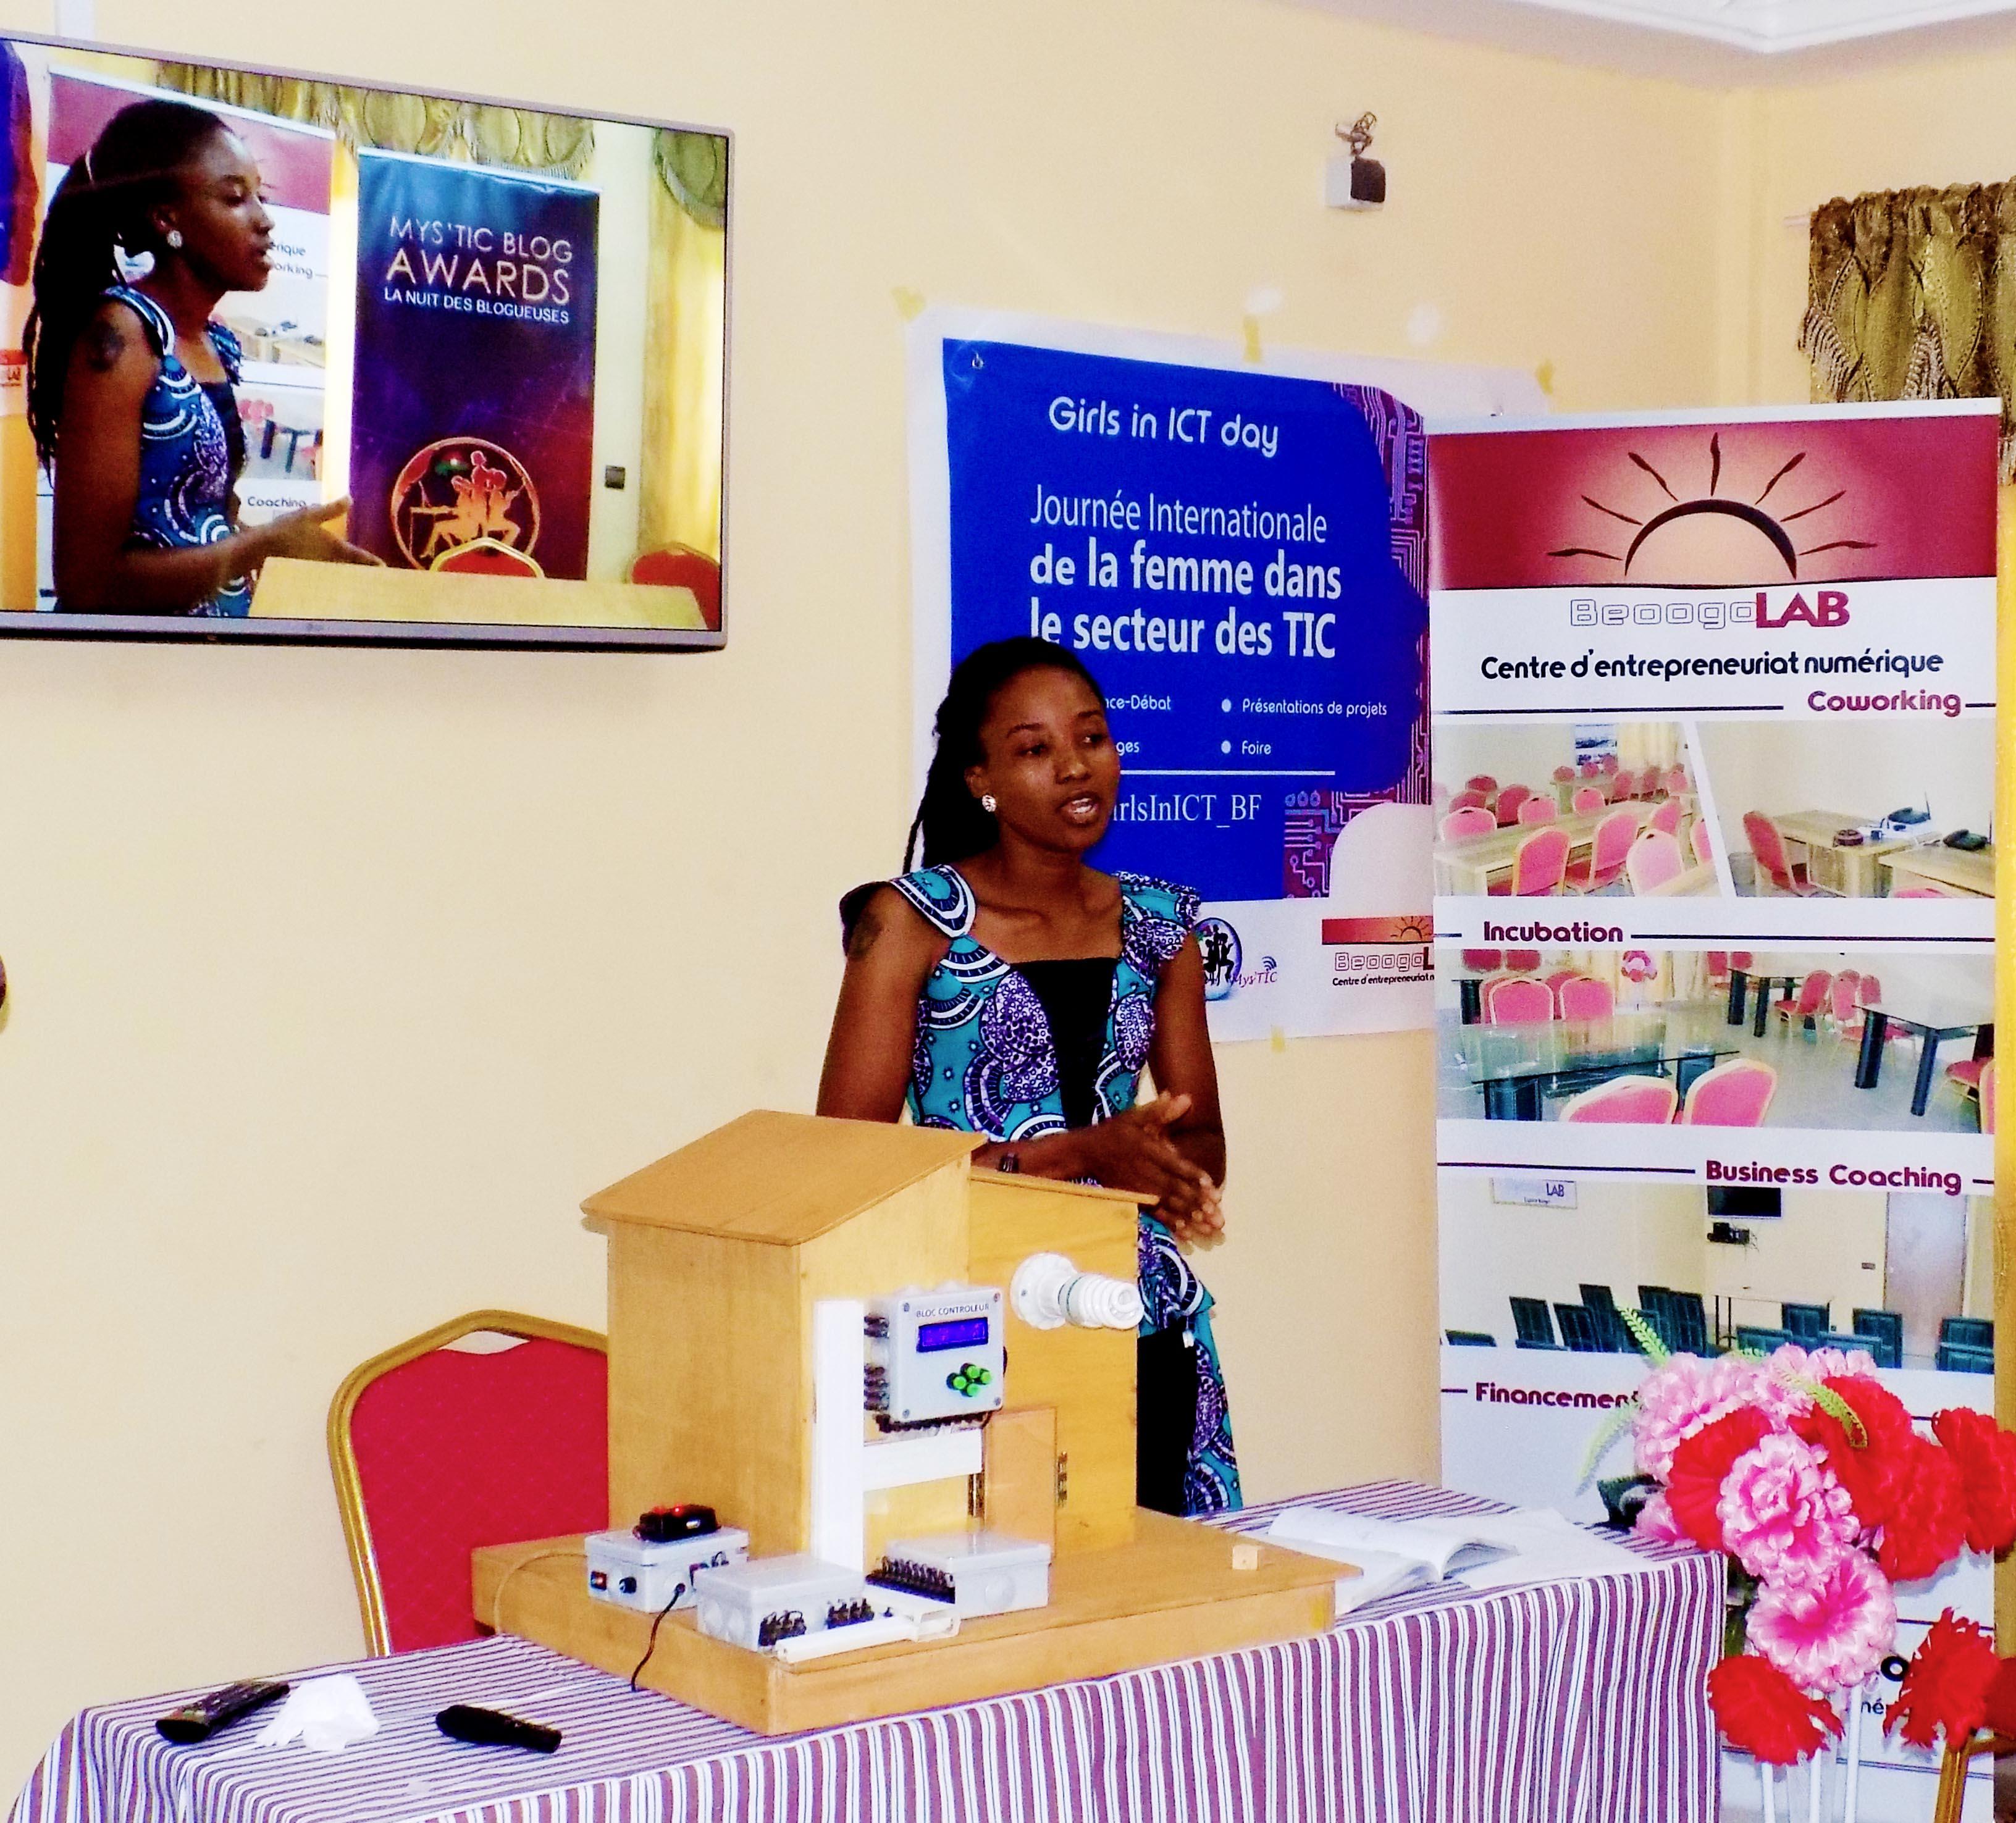 Quatre preuves des compétences de la jeune fille dans le secteur des TIC